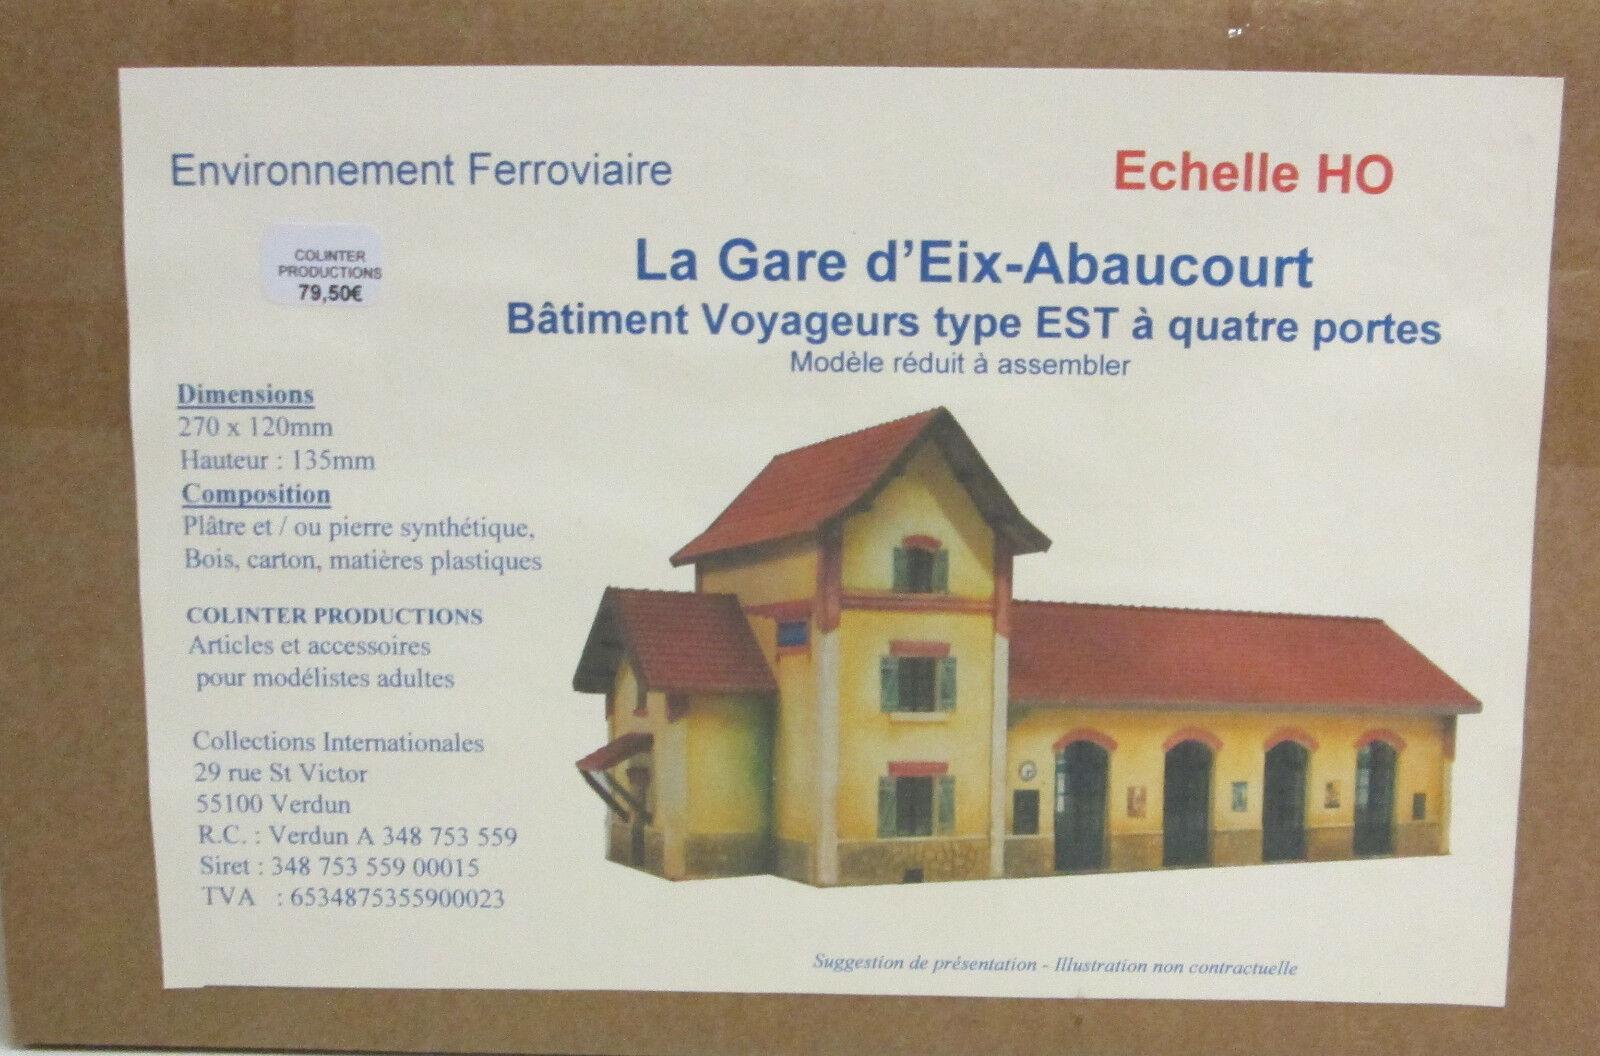 Colinter Productions)  La Gare d'Eix -Abakurt - BV typ Est - Echelle HO